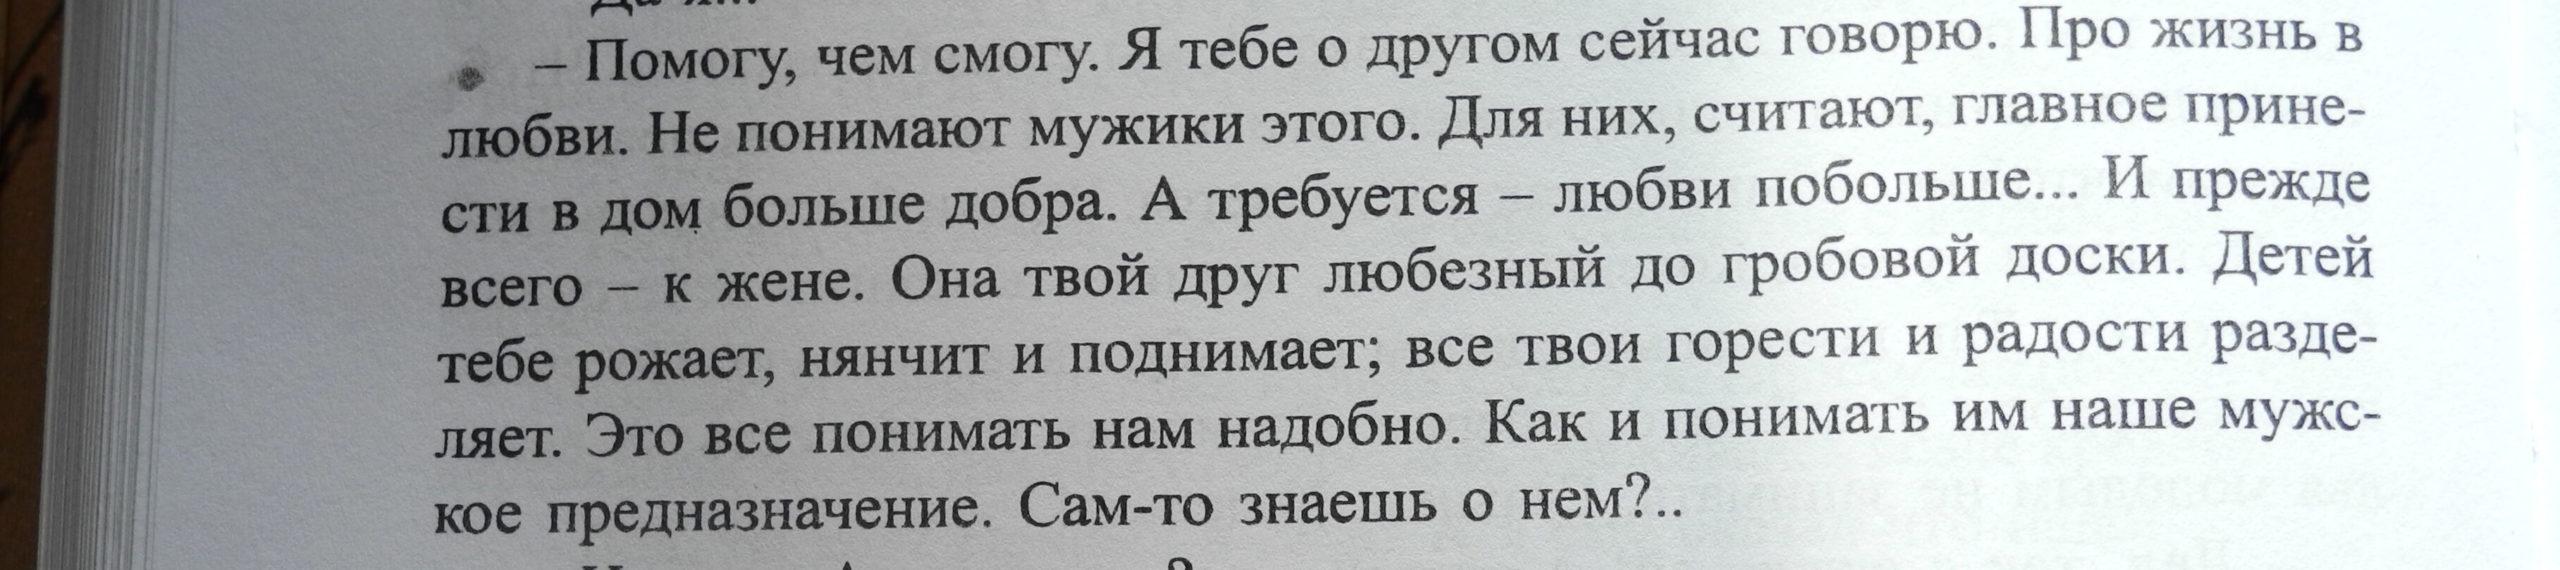 Книга о советском времени